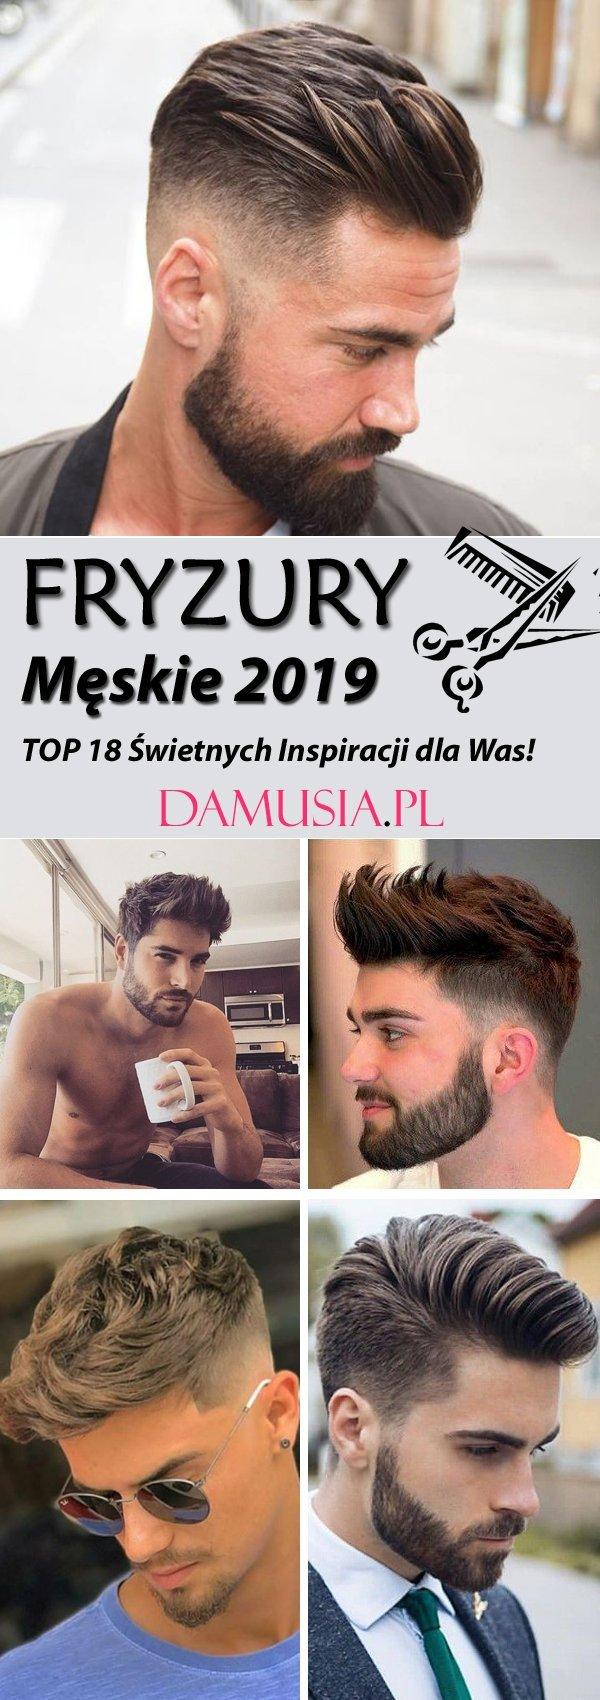 Fryzury Męskie Średnie włosy: na Stylowi.pl